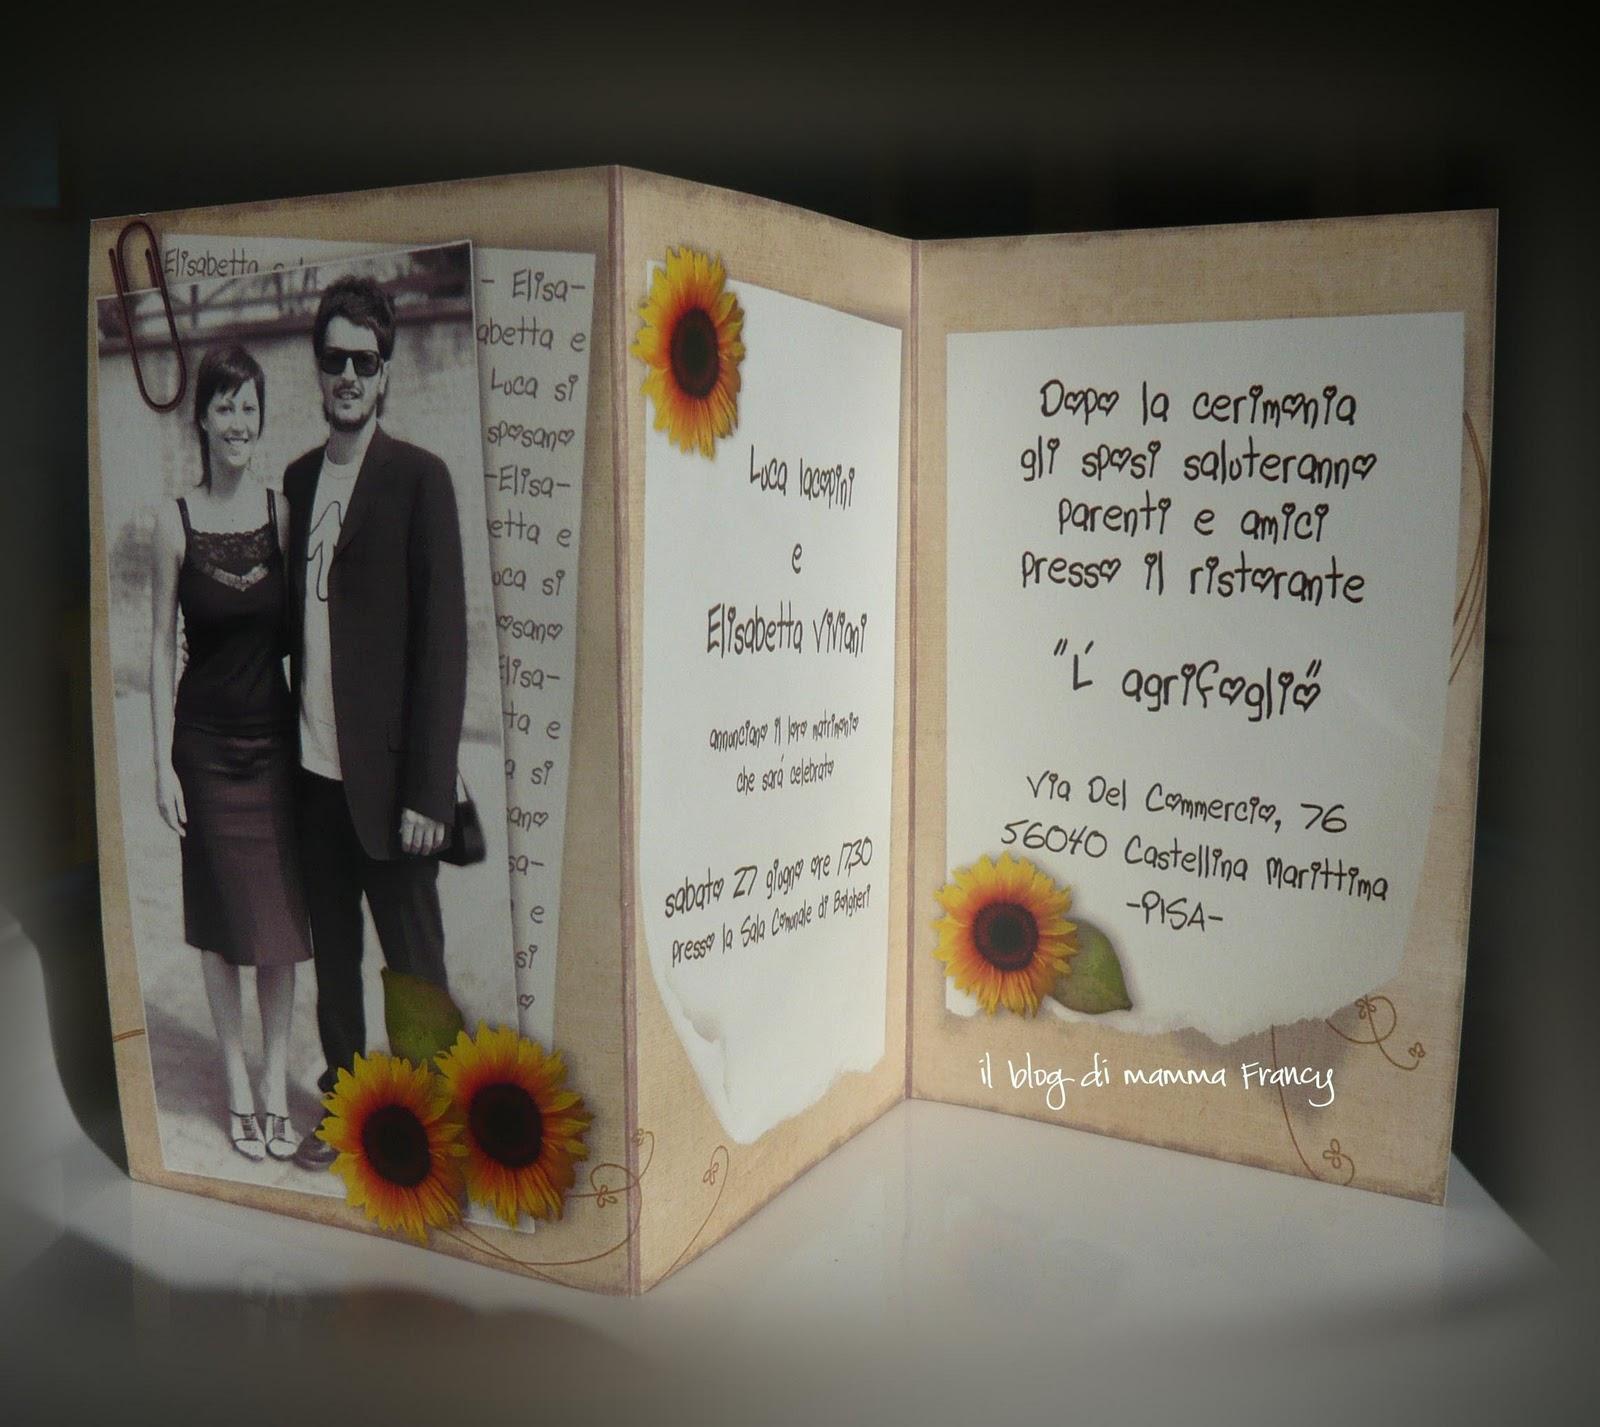 Inviti Matrimonio Girasoli : Il di mamma francy partecipazioni